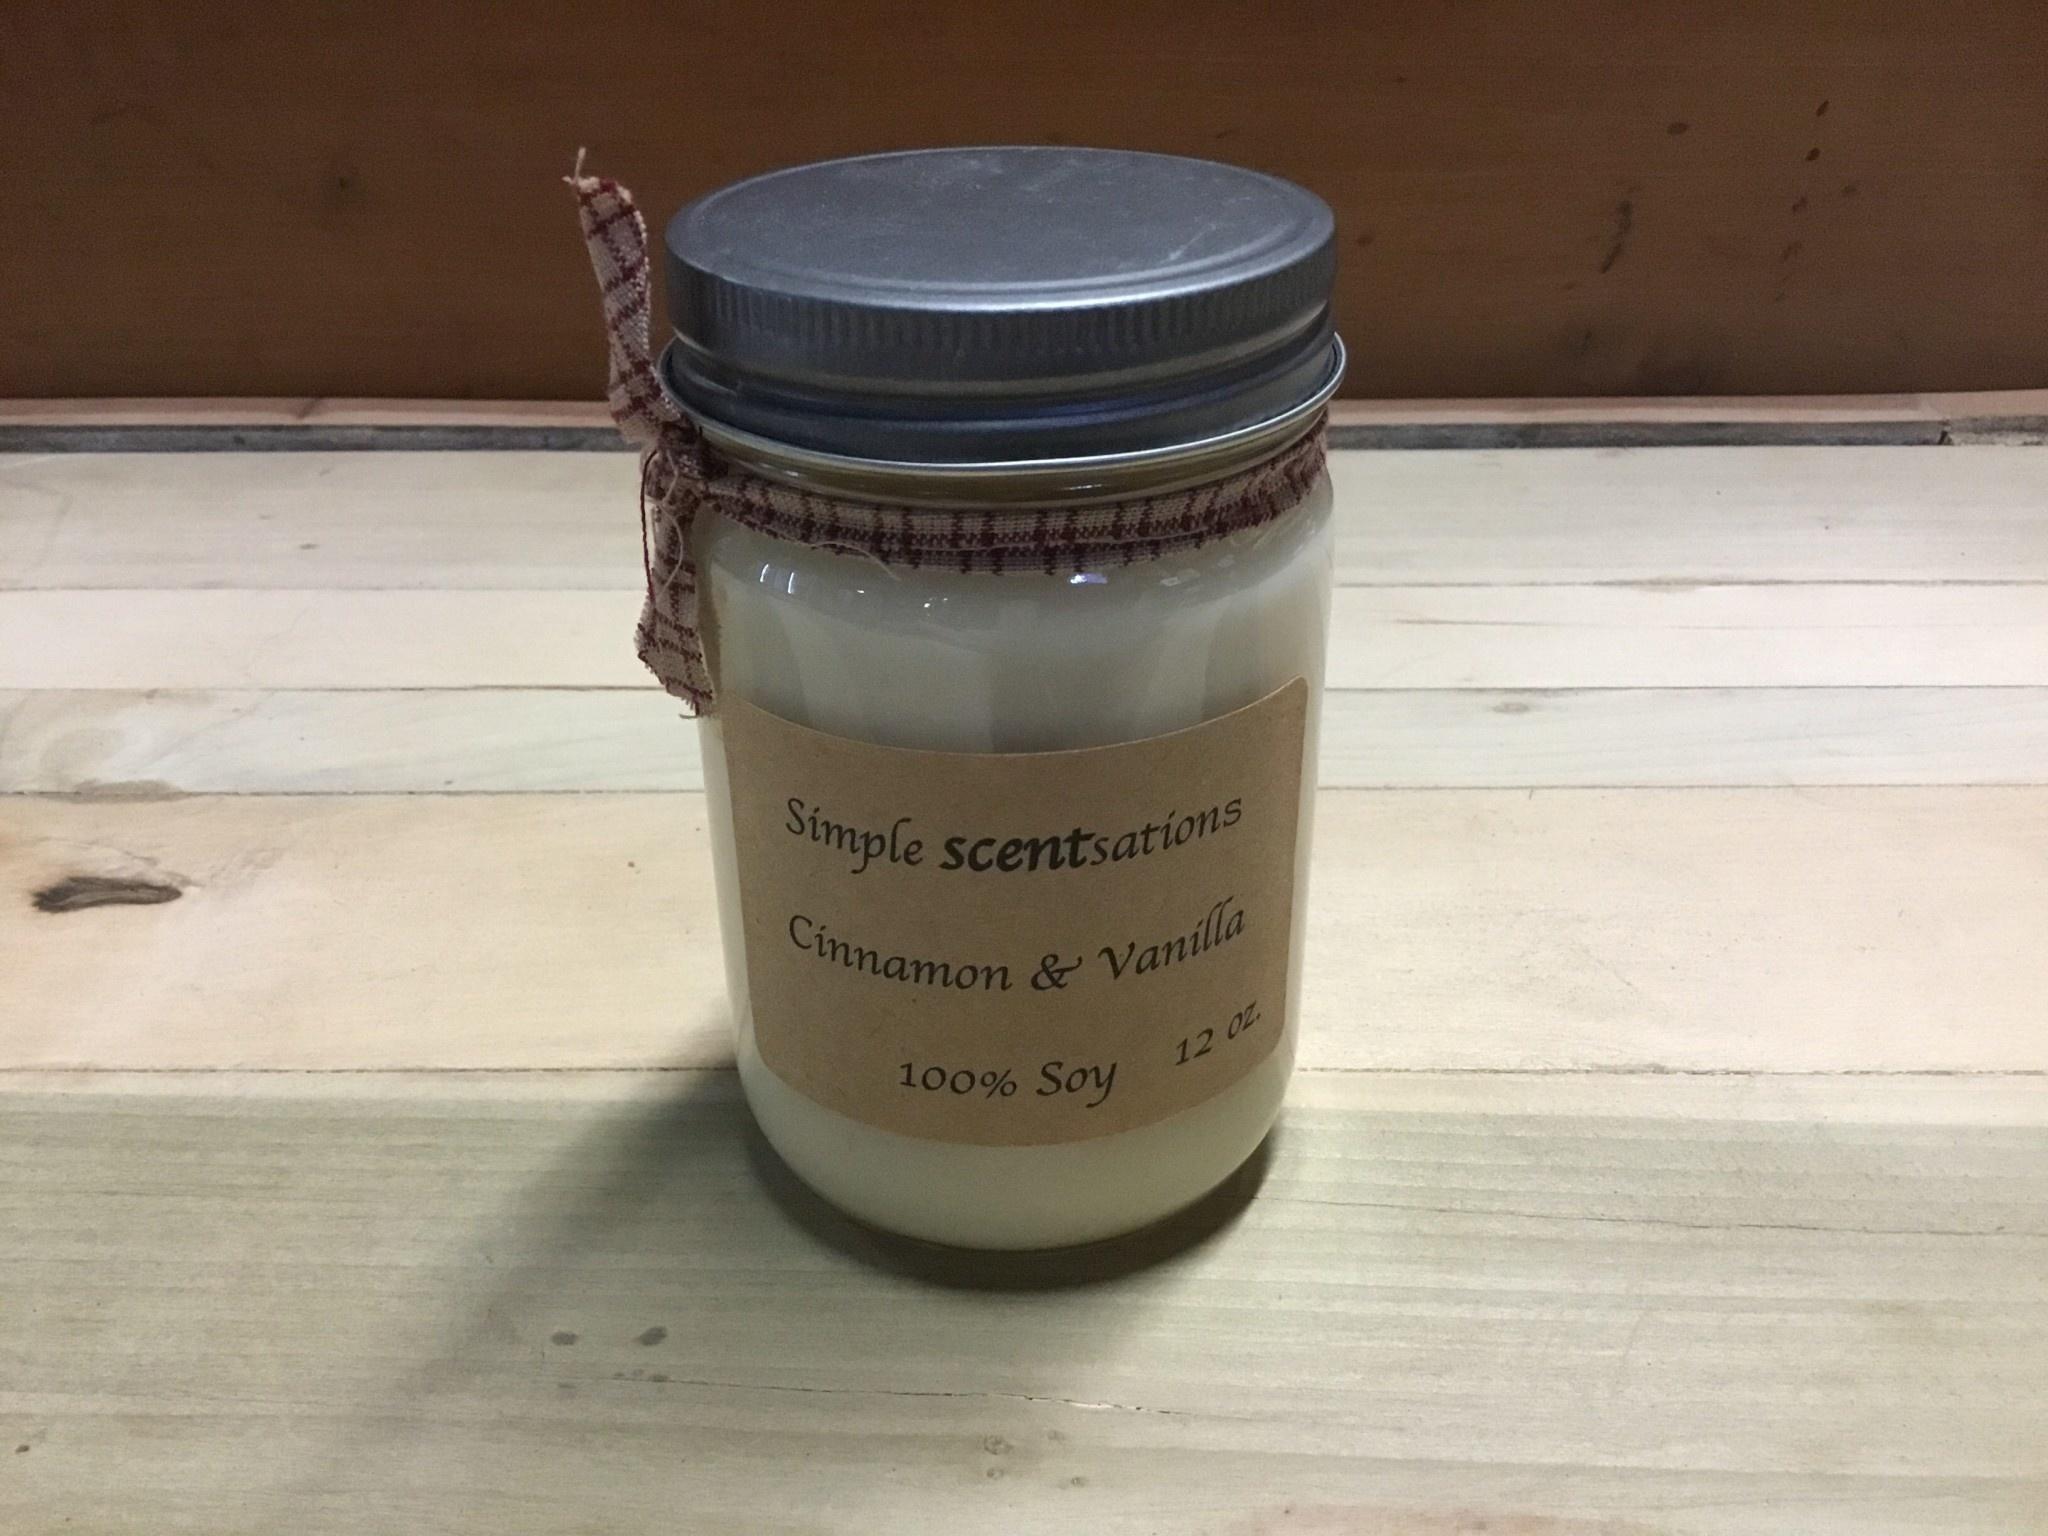 Simple Scentsation Cinnamon & Vanilla 12 oz Soy Candle